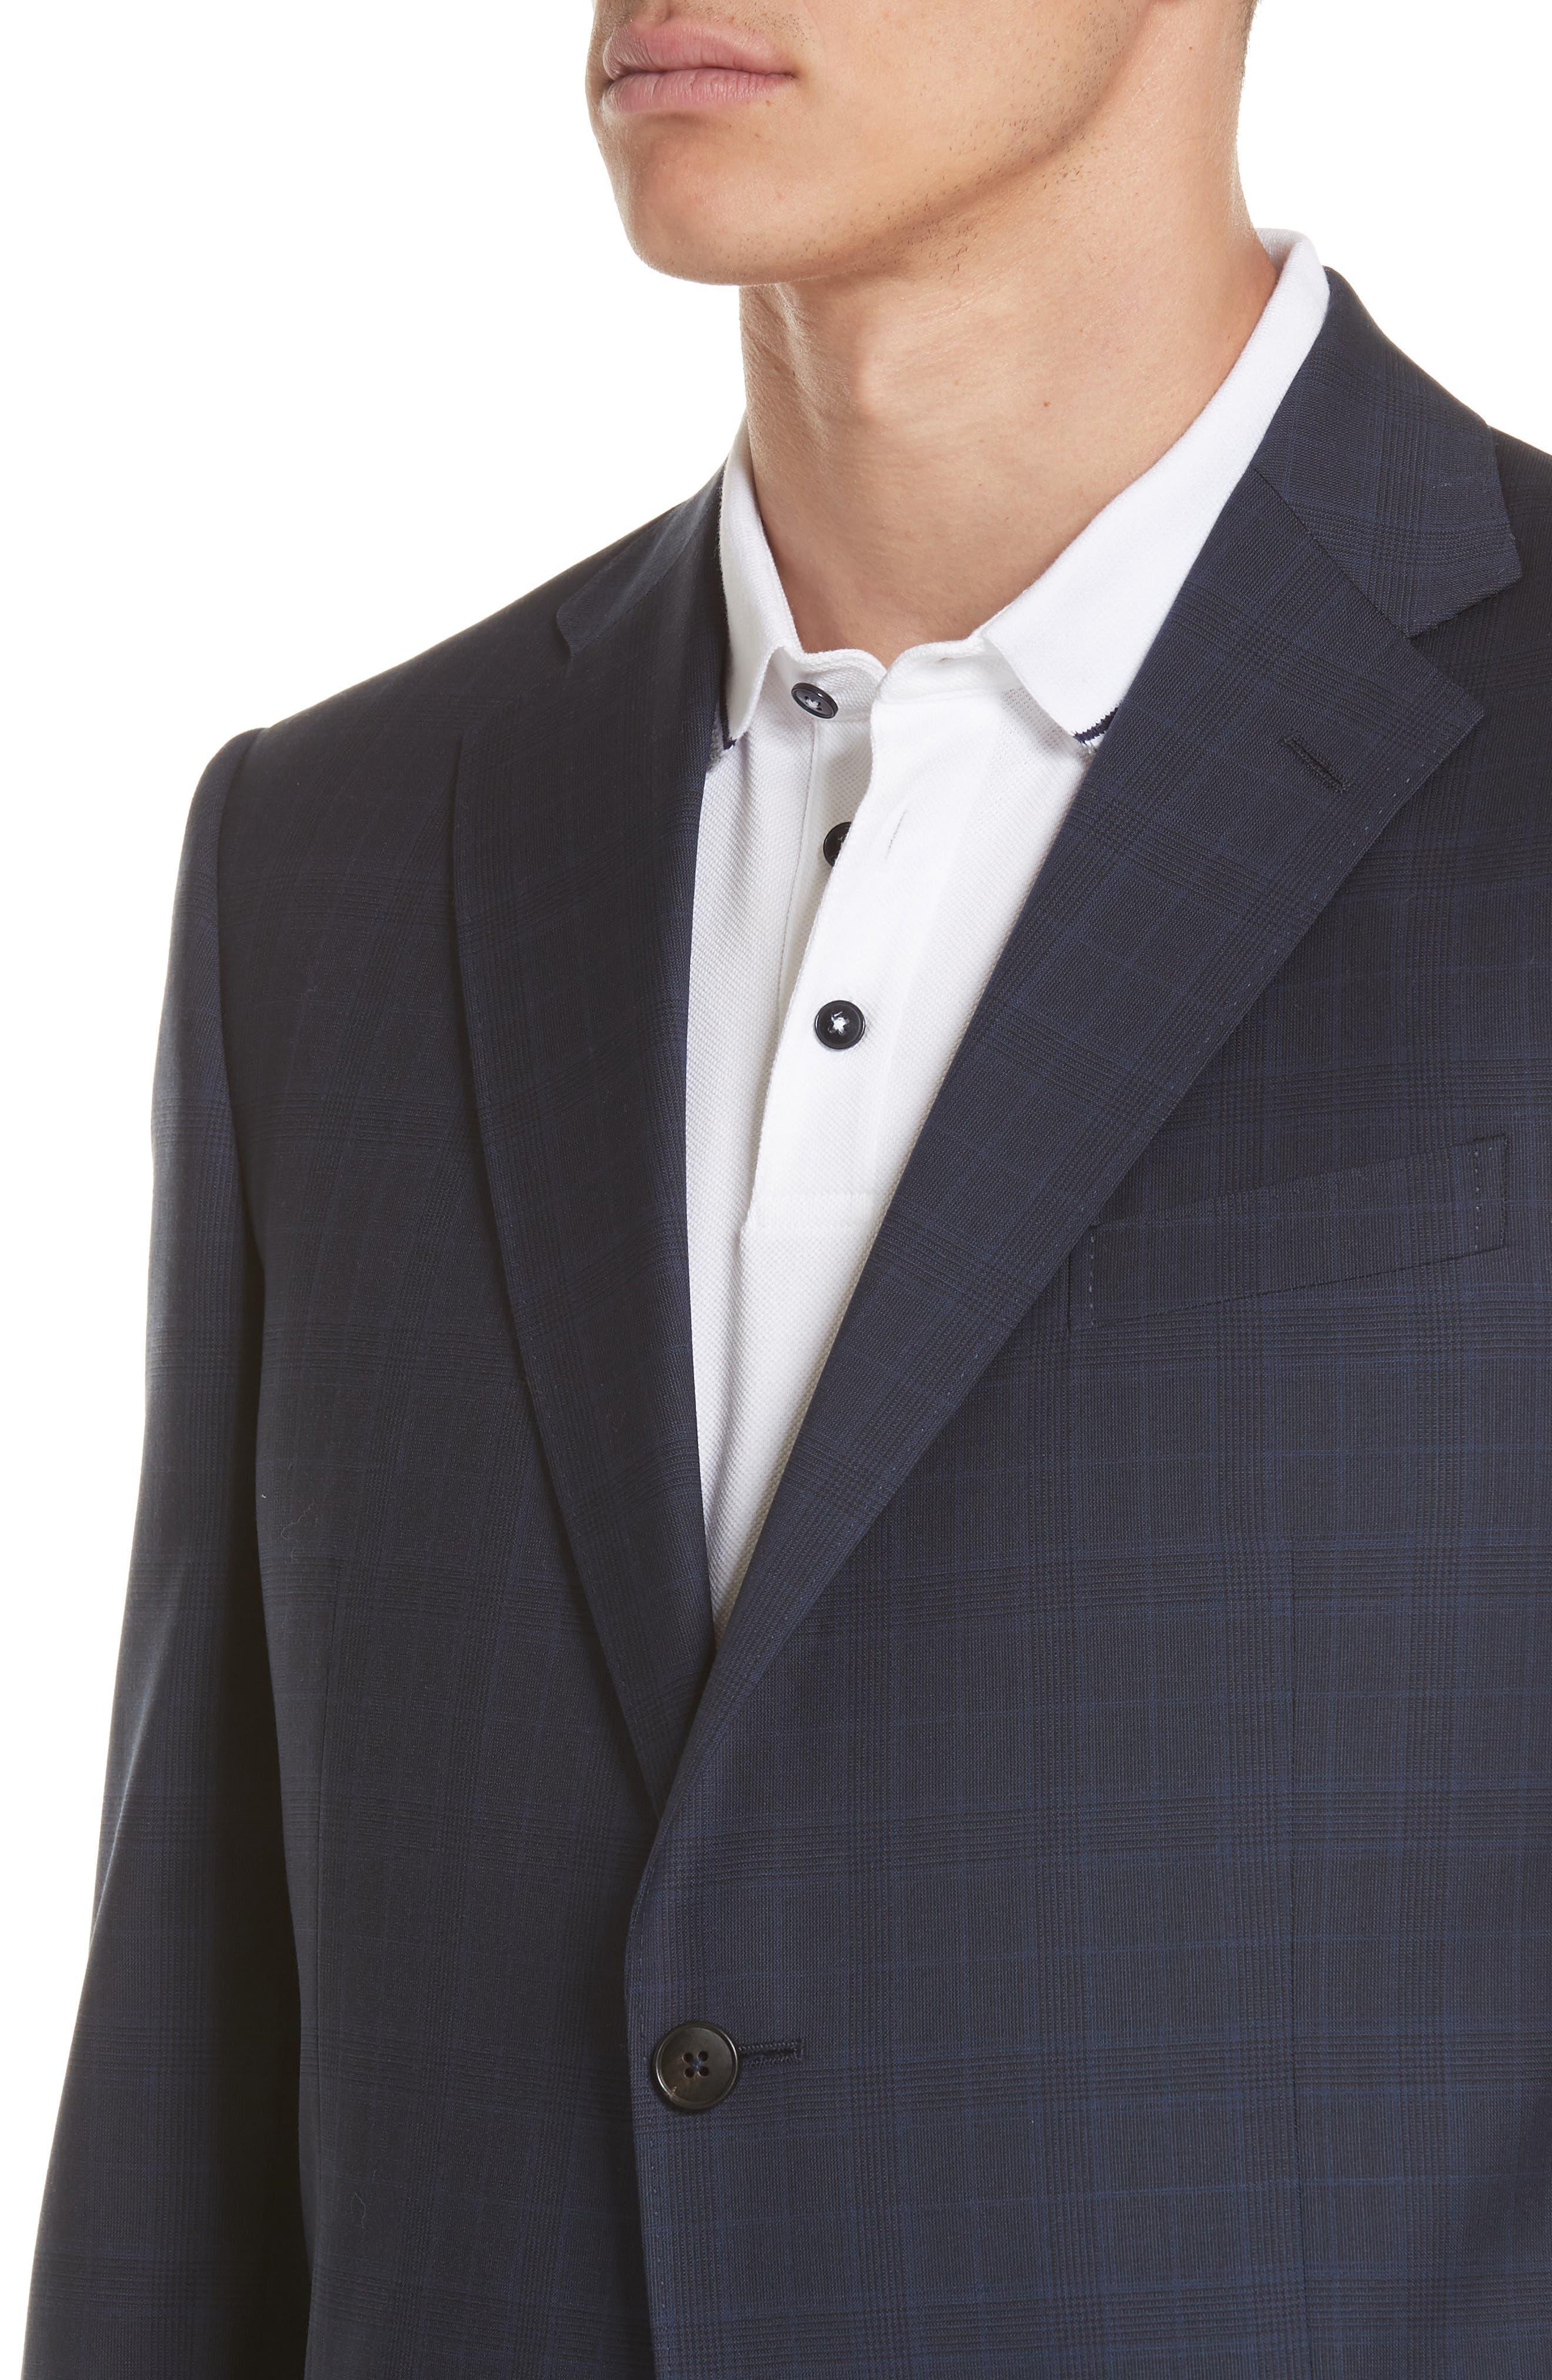 Trim Fit Plaid Wool Suit,                             Alternate thumbnail 4, color,                             Navy Check